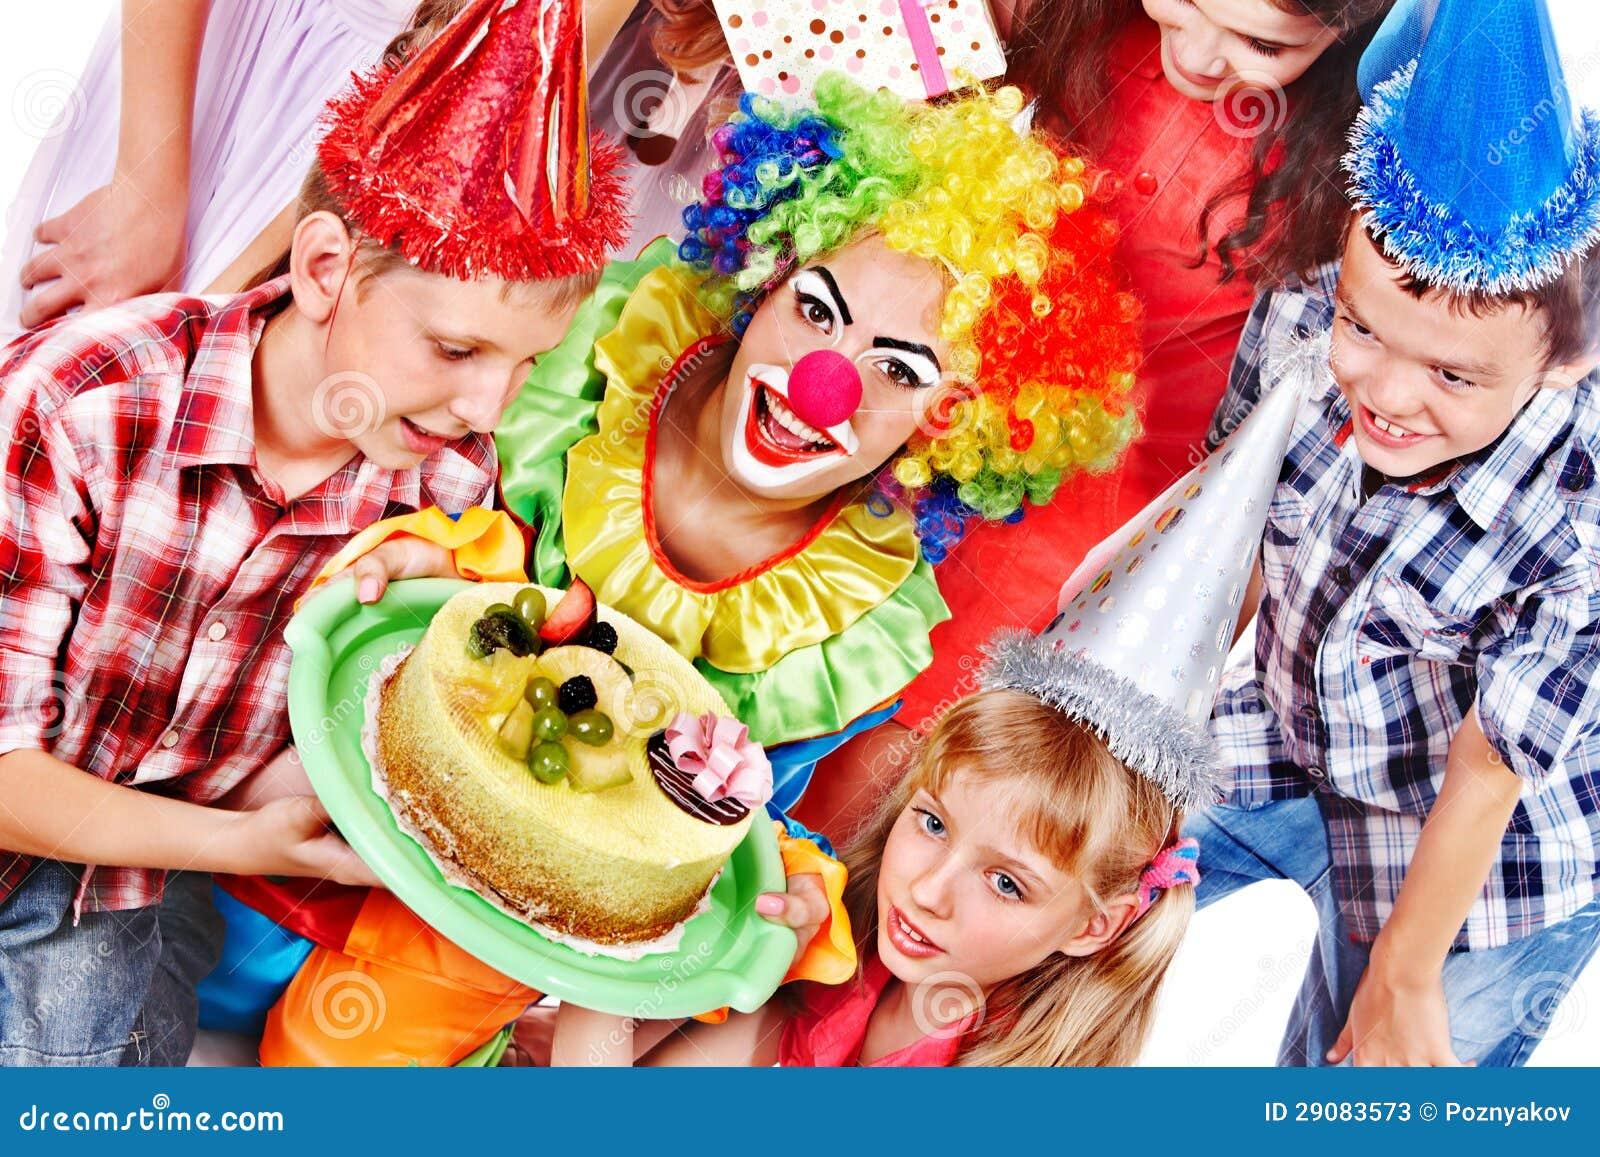 Grupo de la fiesta de cumpleaños de niño con la torta.